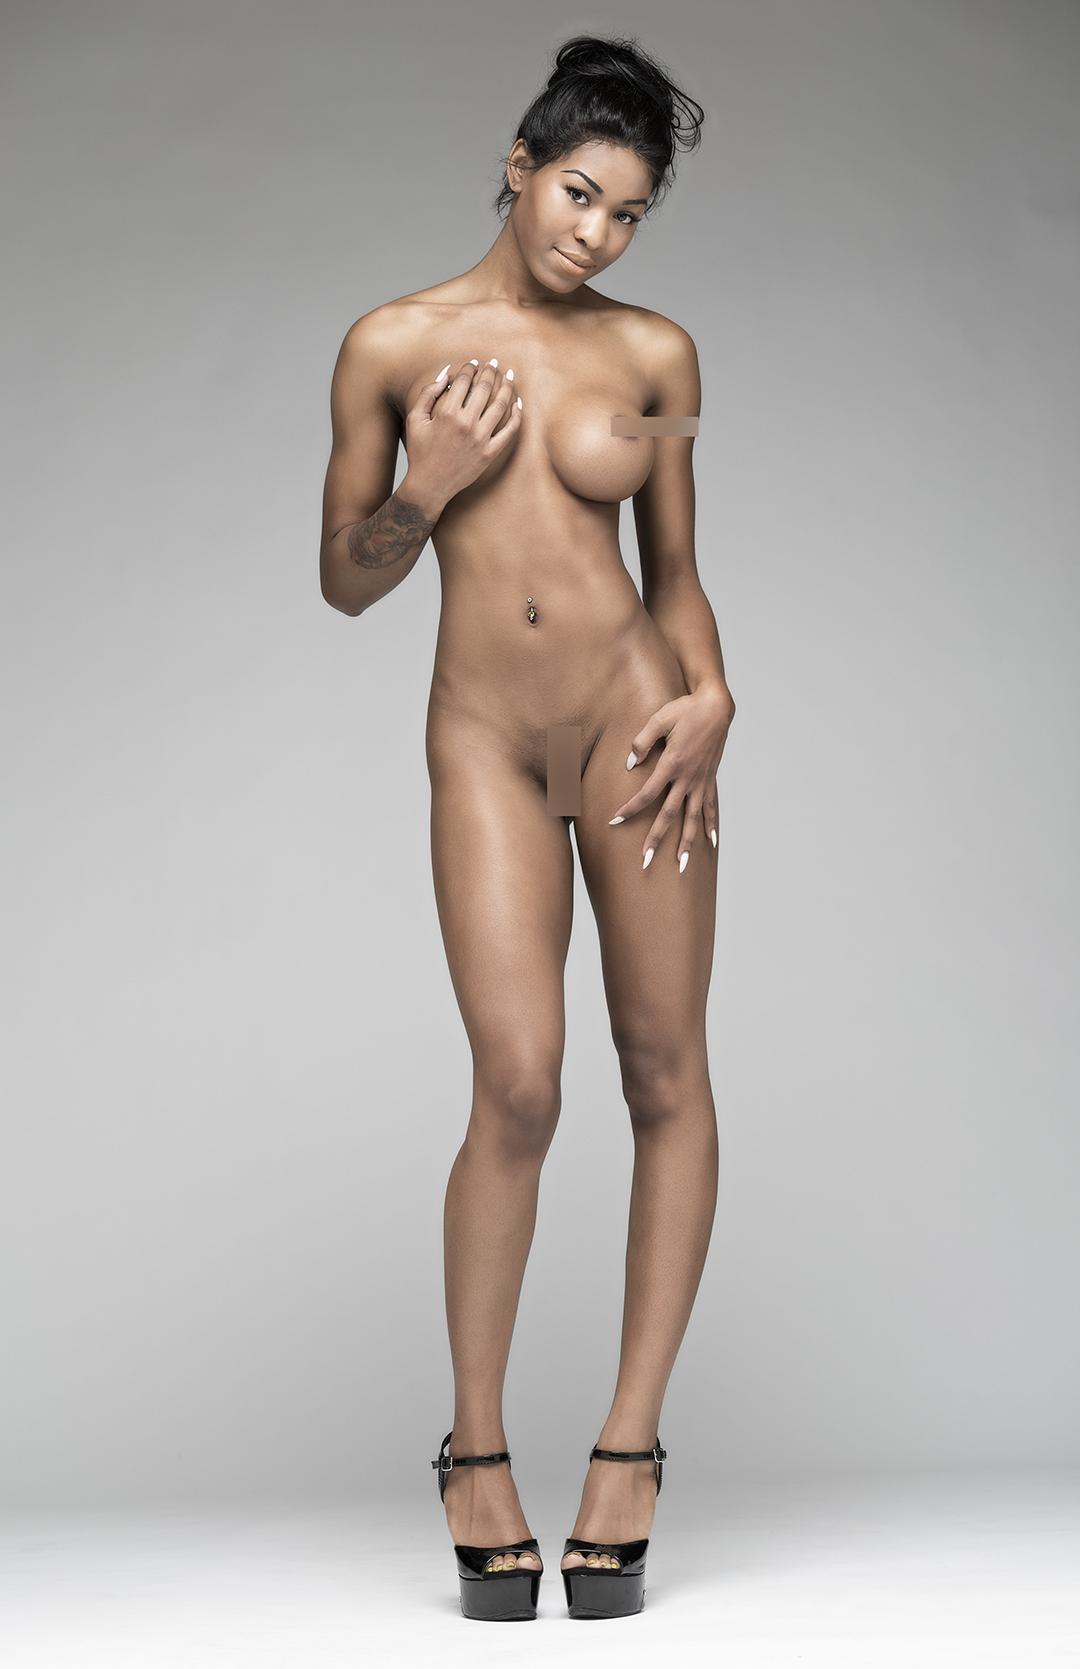 brune boobs porno